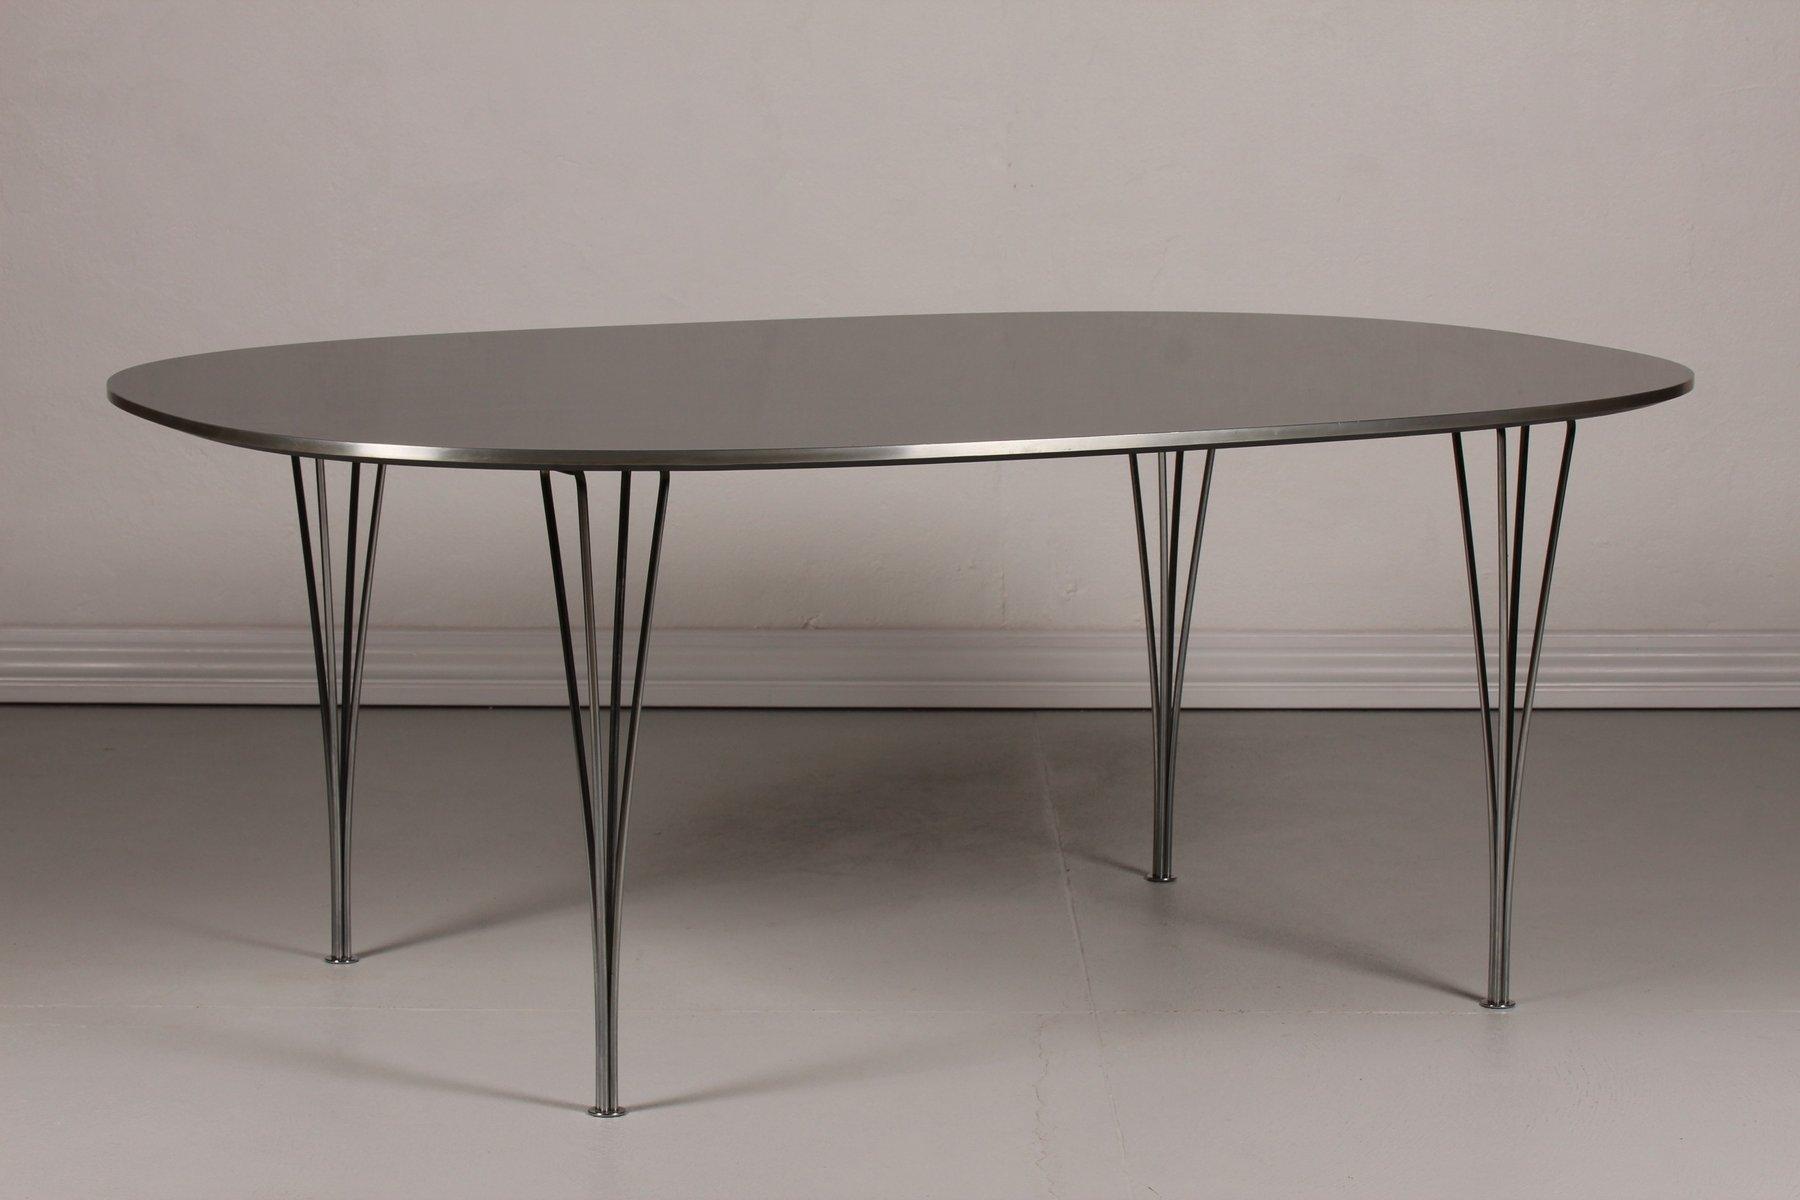 d nischer super elips tisch mit schwarzer tischplatte von. Black Bedroom Furniture Sets. Home Design Ideas